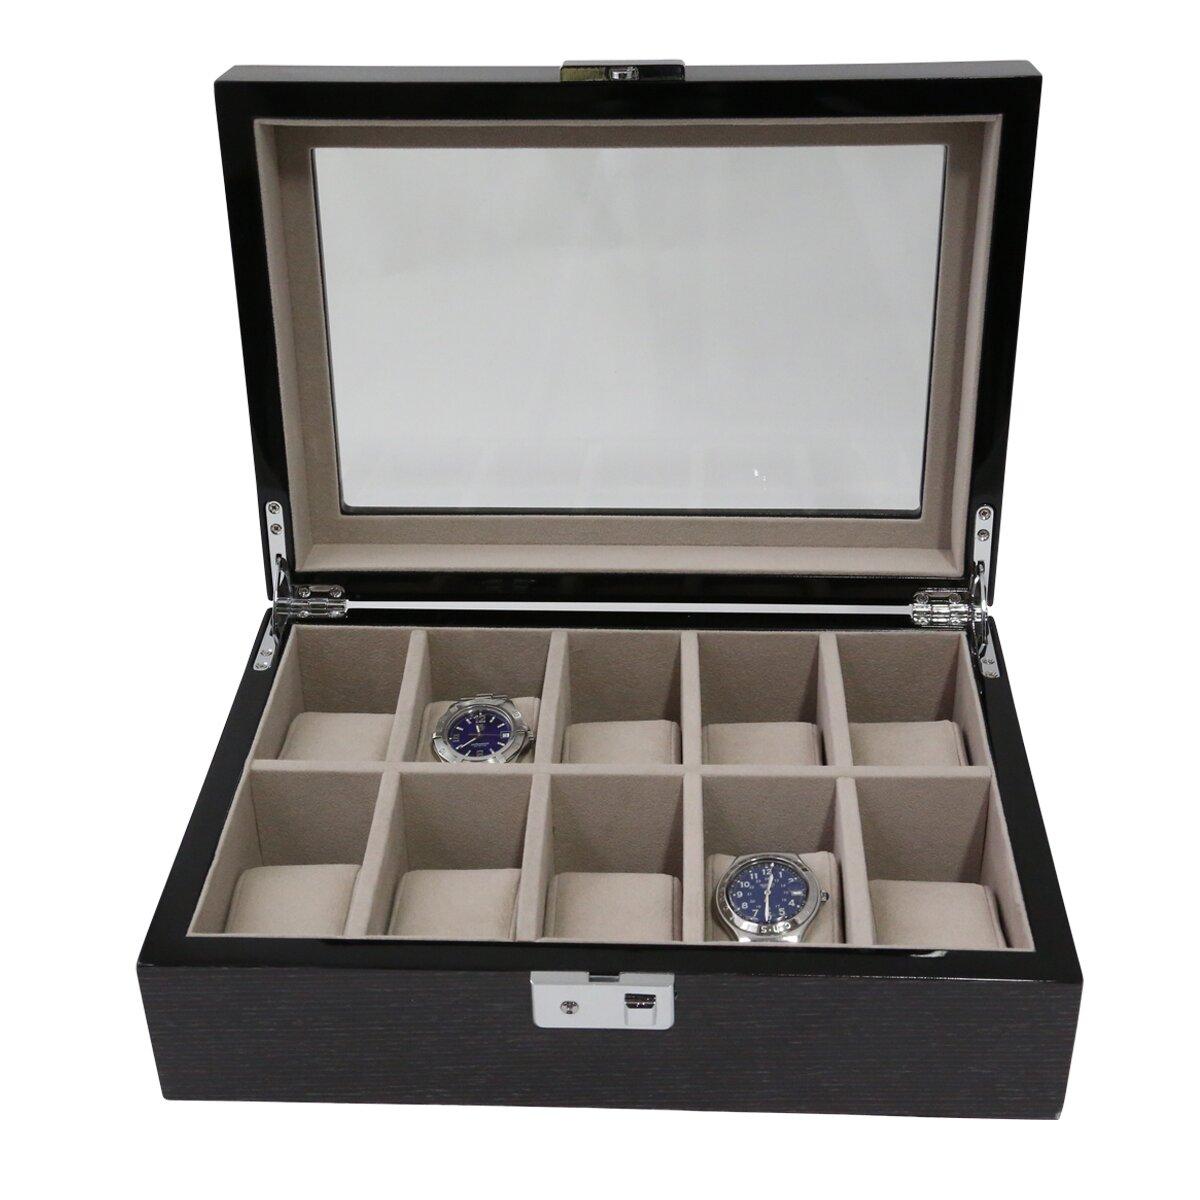 Bey berk 10 watch box reviews wayfair for Bey berk jewelry box